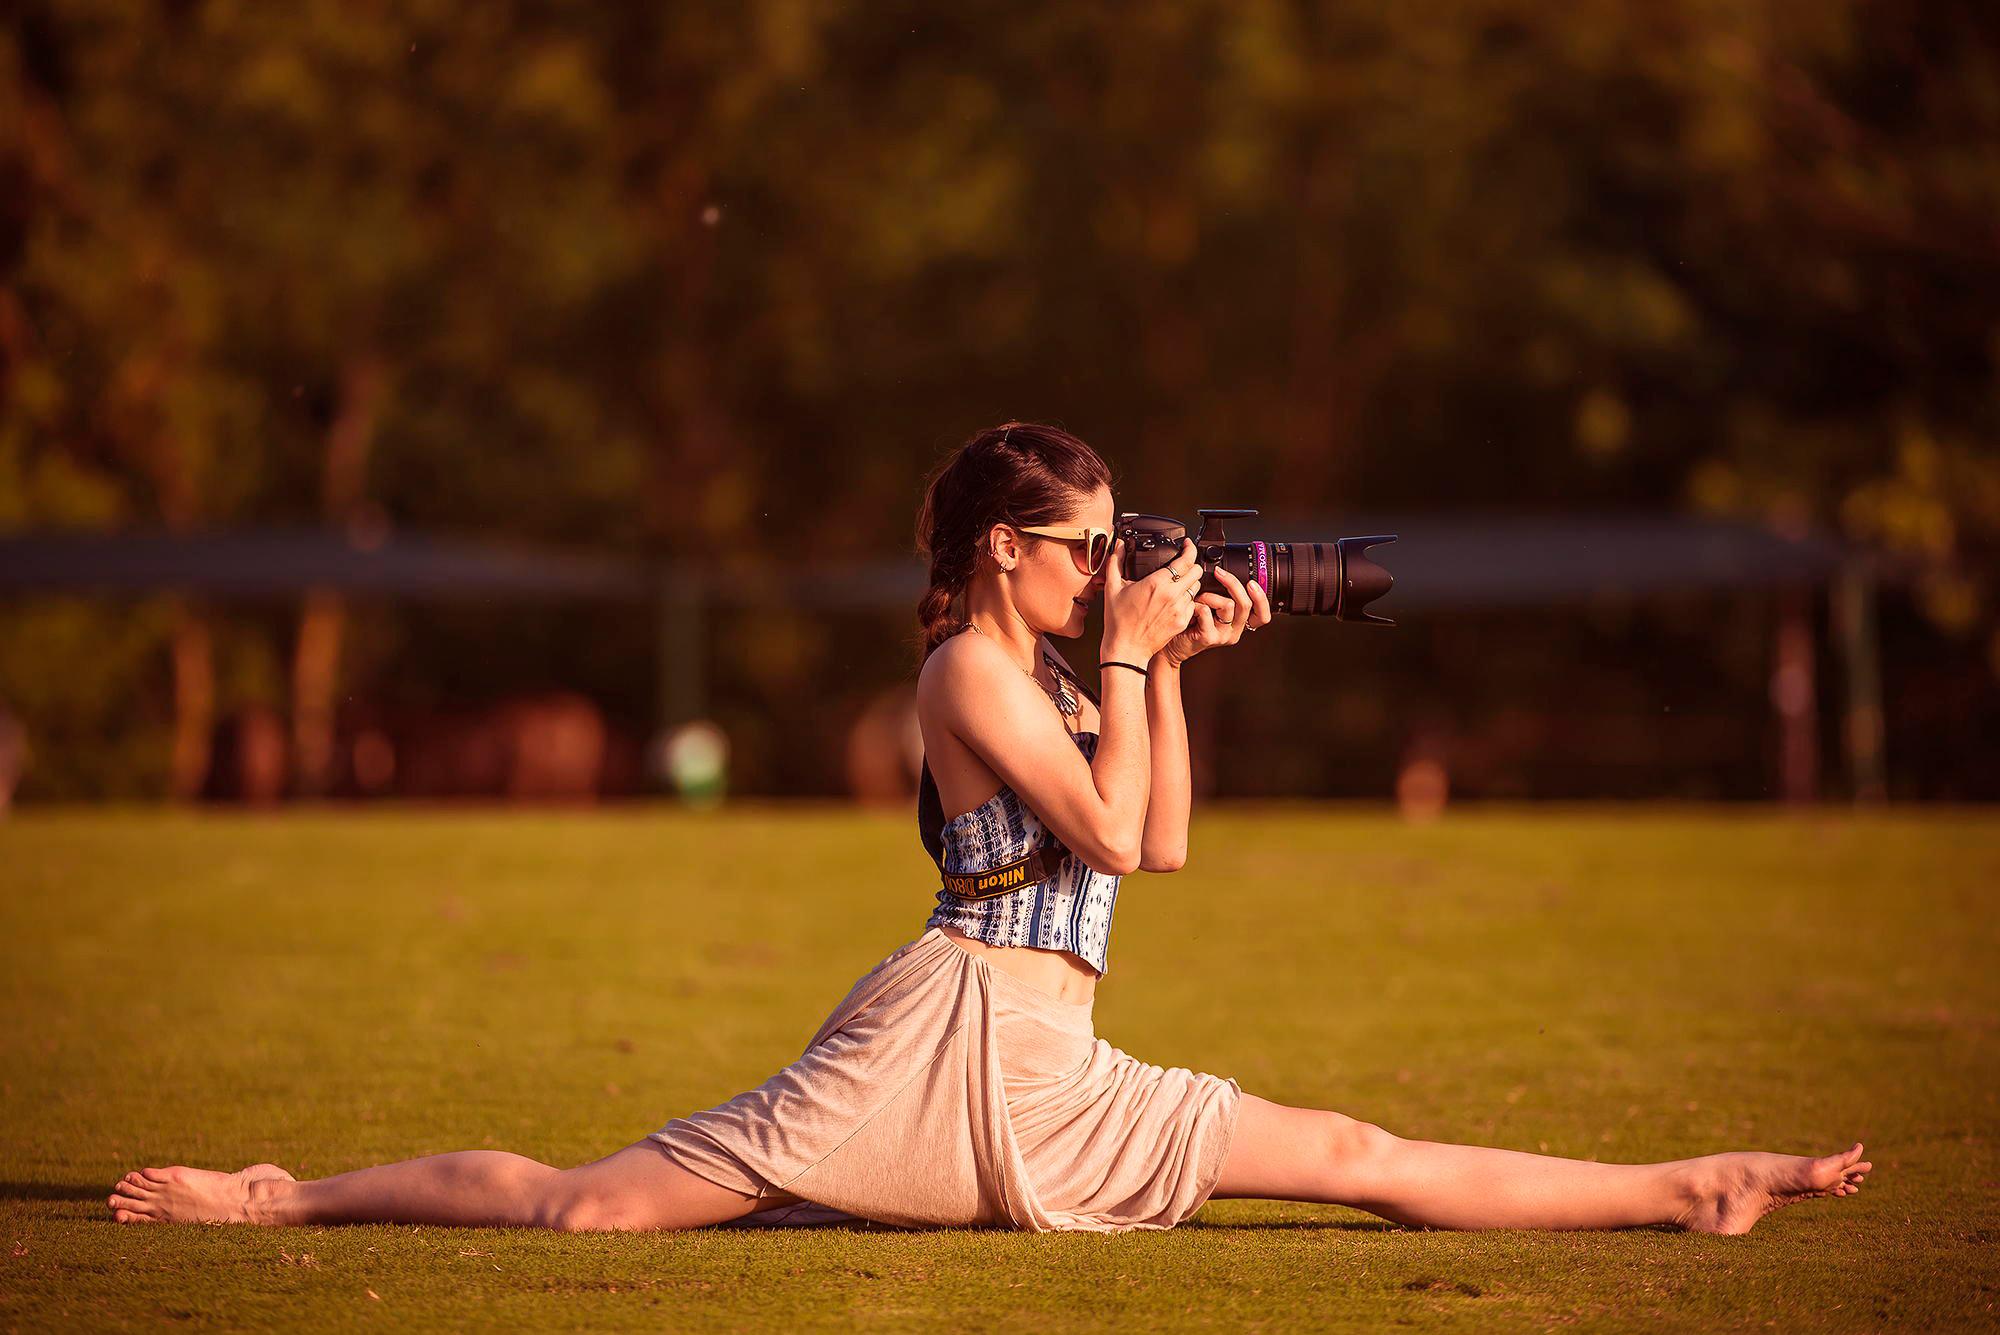 О фотографах, которые цепляют...